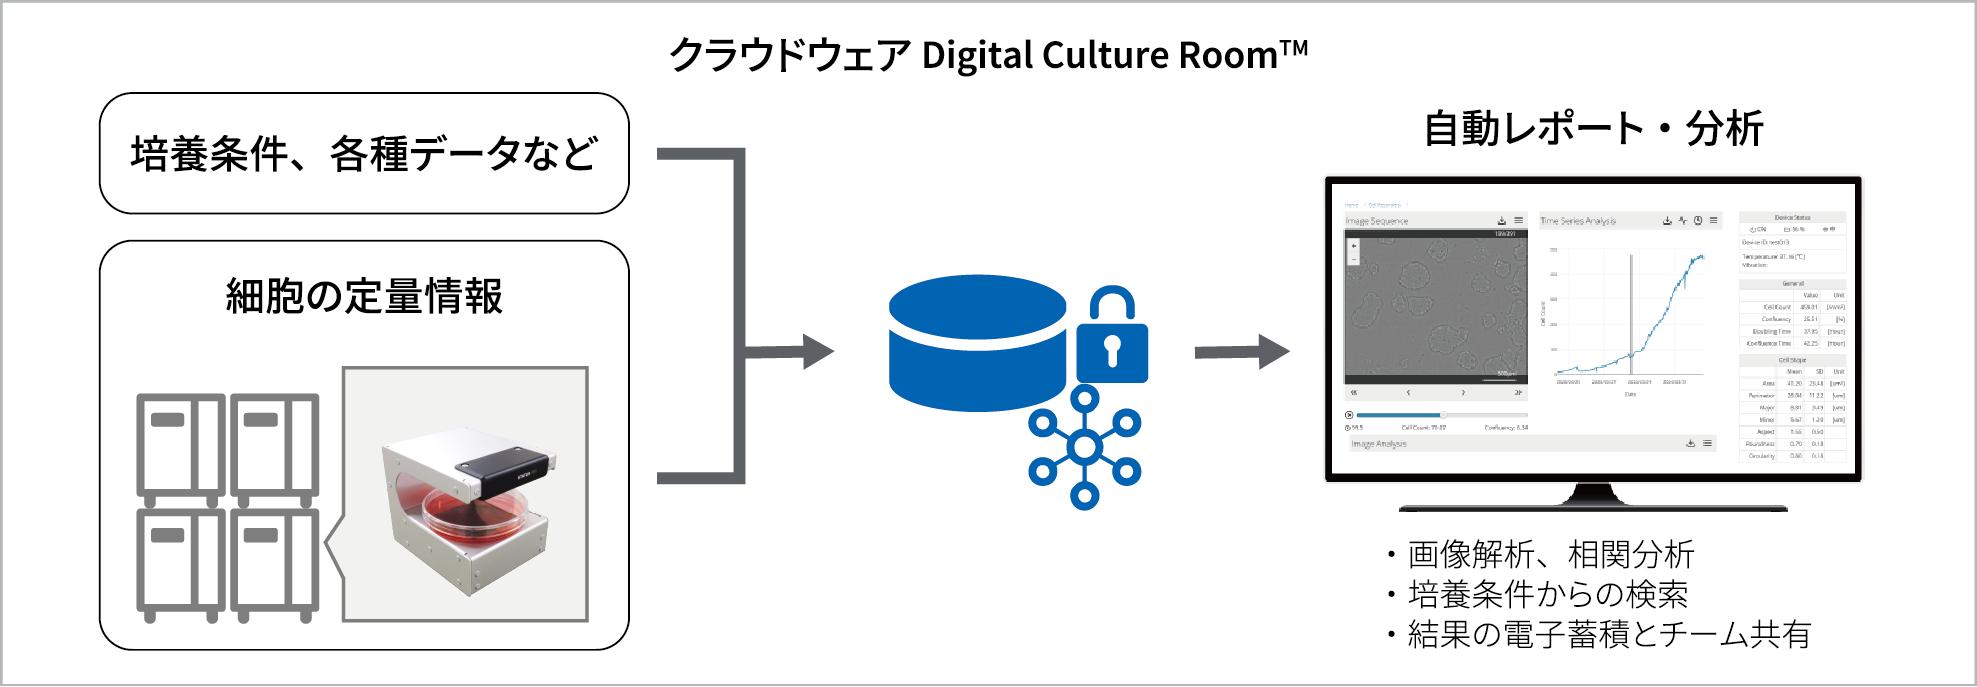 クラウドベースのデータ活用基盤